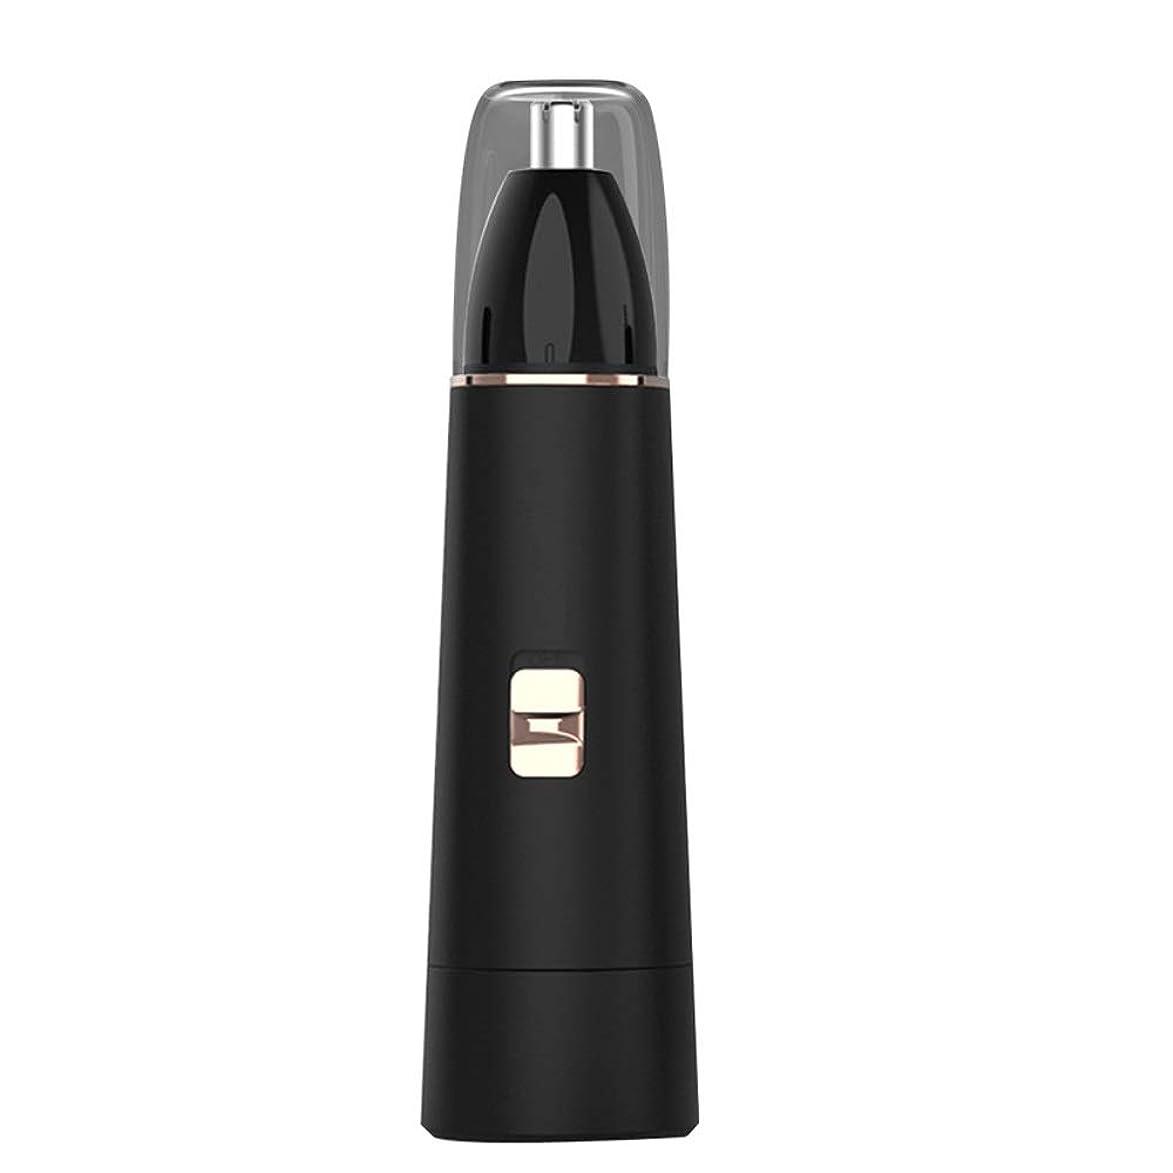 セレナ失礼隠された鼻毛トリマー-USB充電式電動鼻毛トリマー/ABS素材/多機能 持つ価値があります